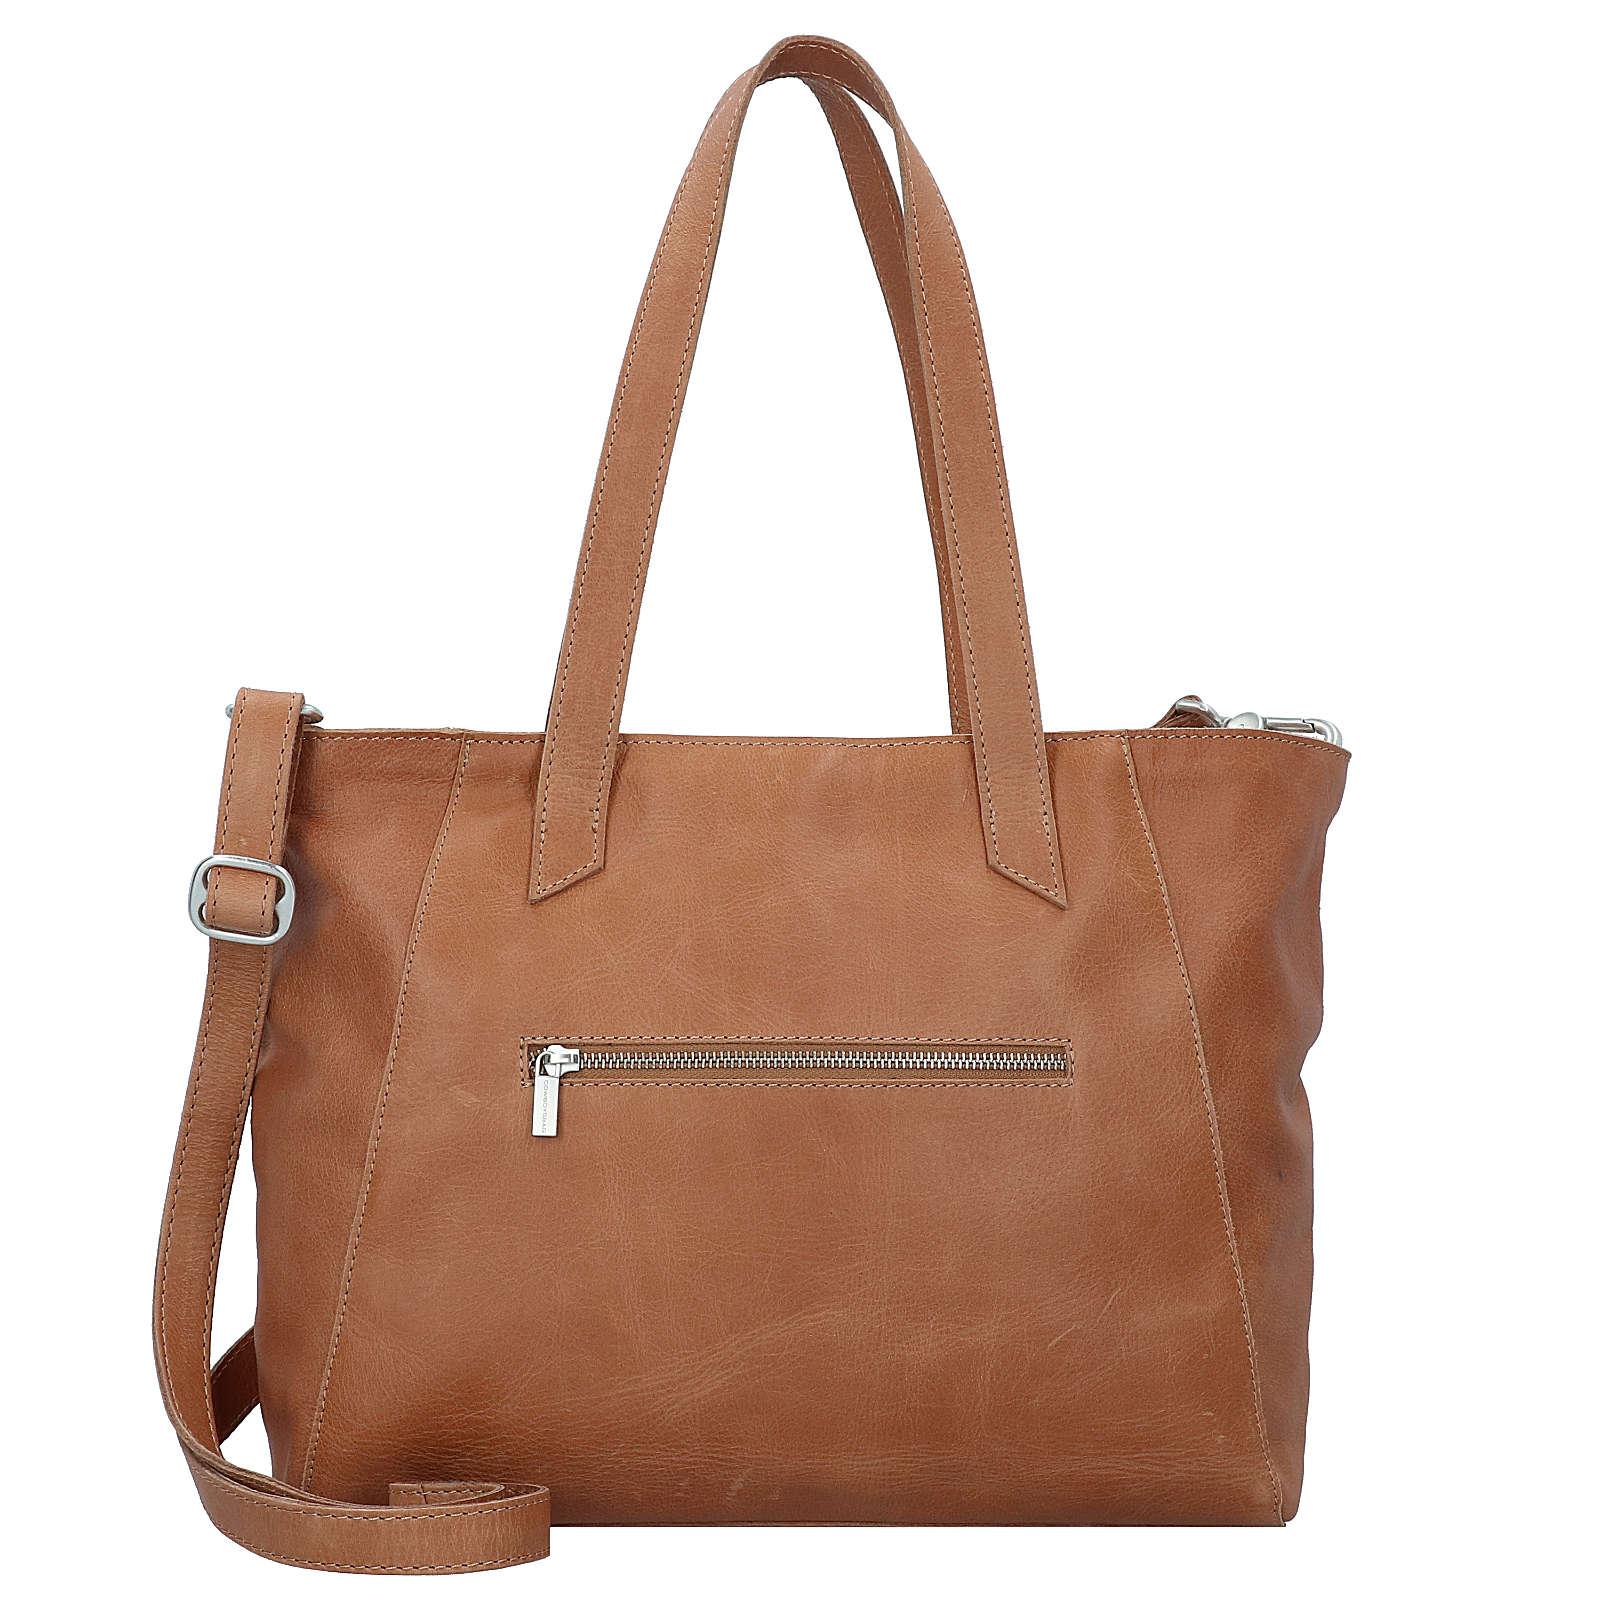 COWBOYSBAG Jenner Shopper Tasche Leder 36 cm Shopper braun Damen